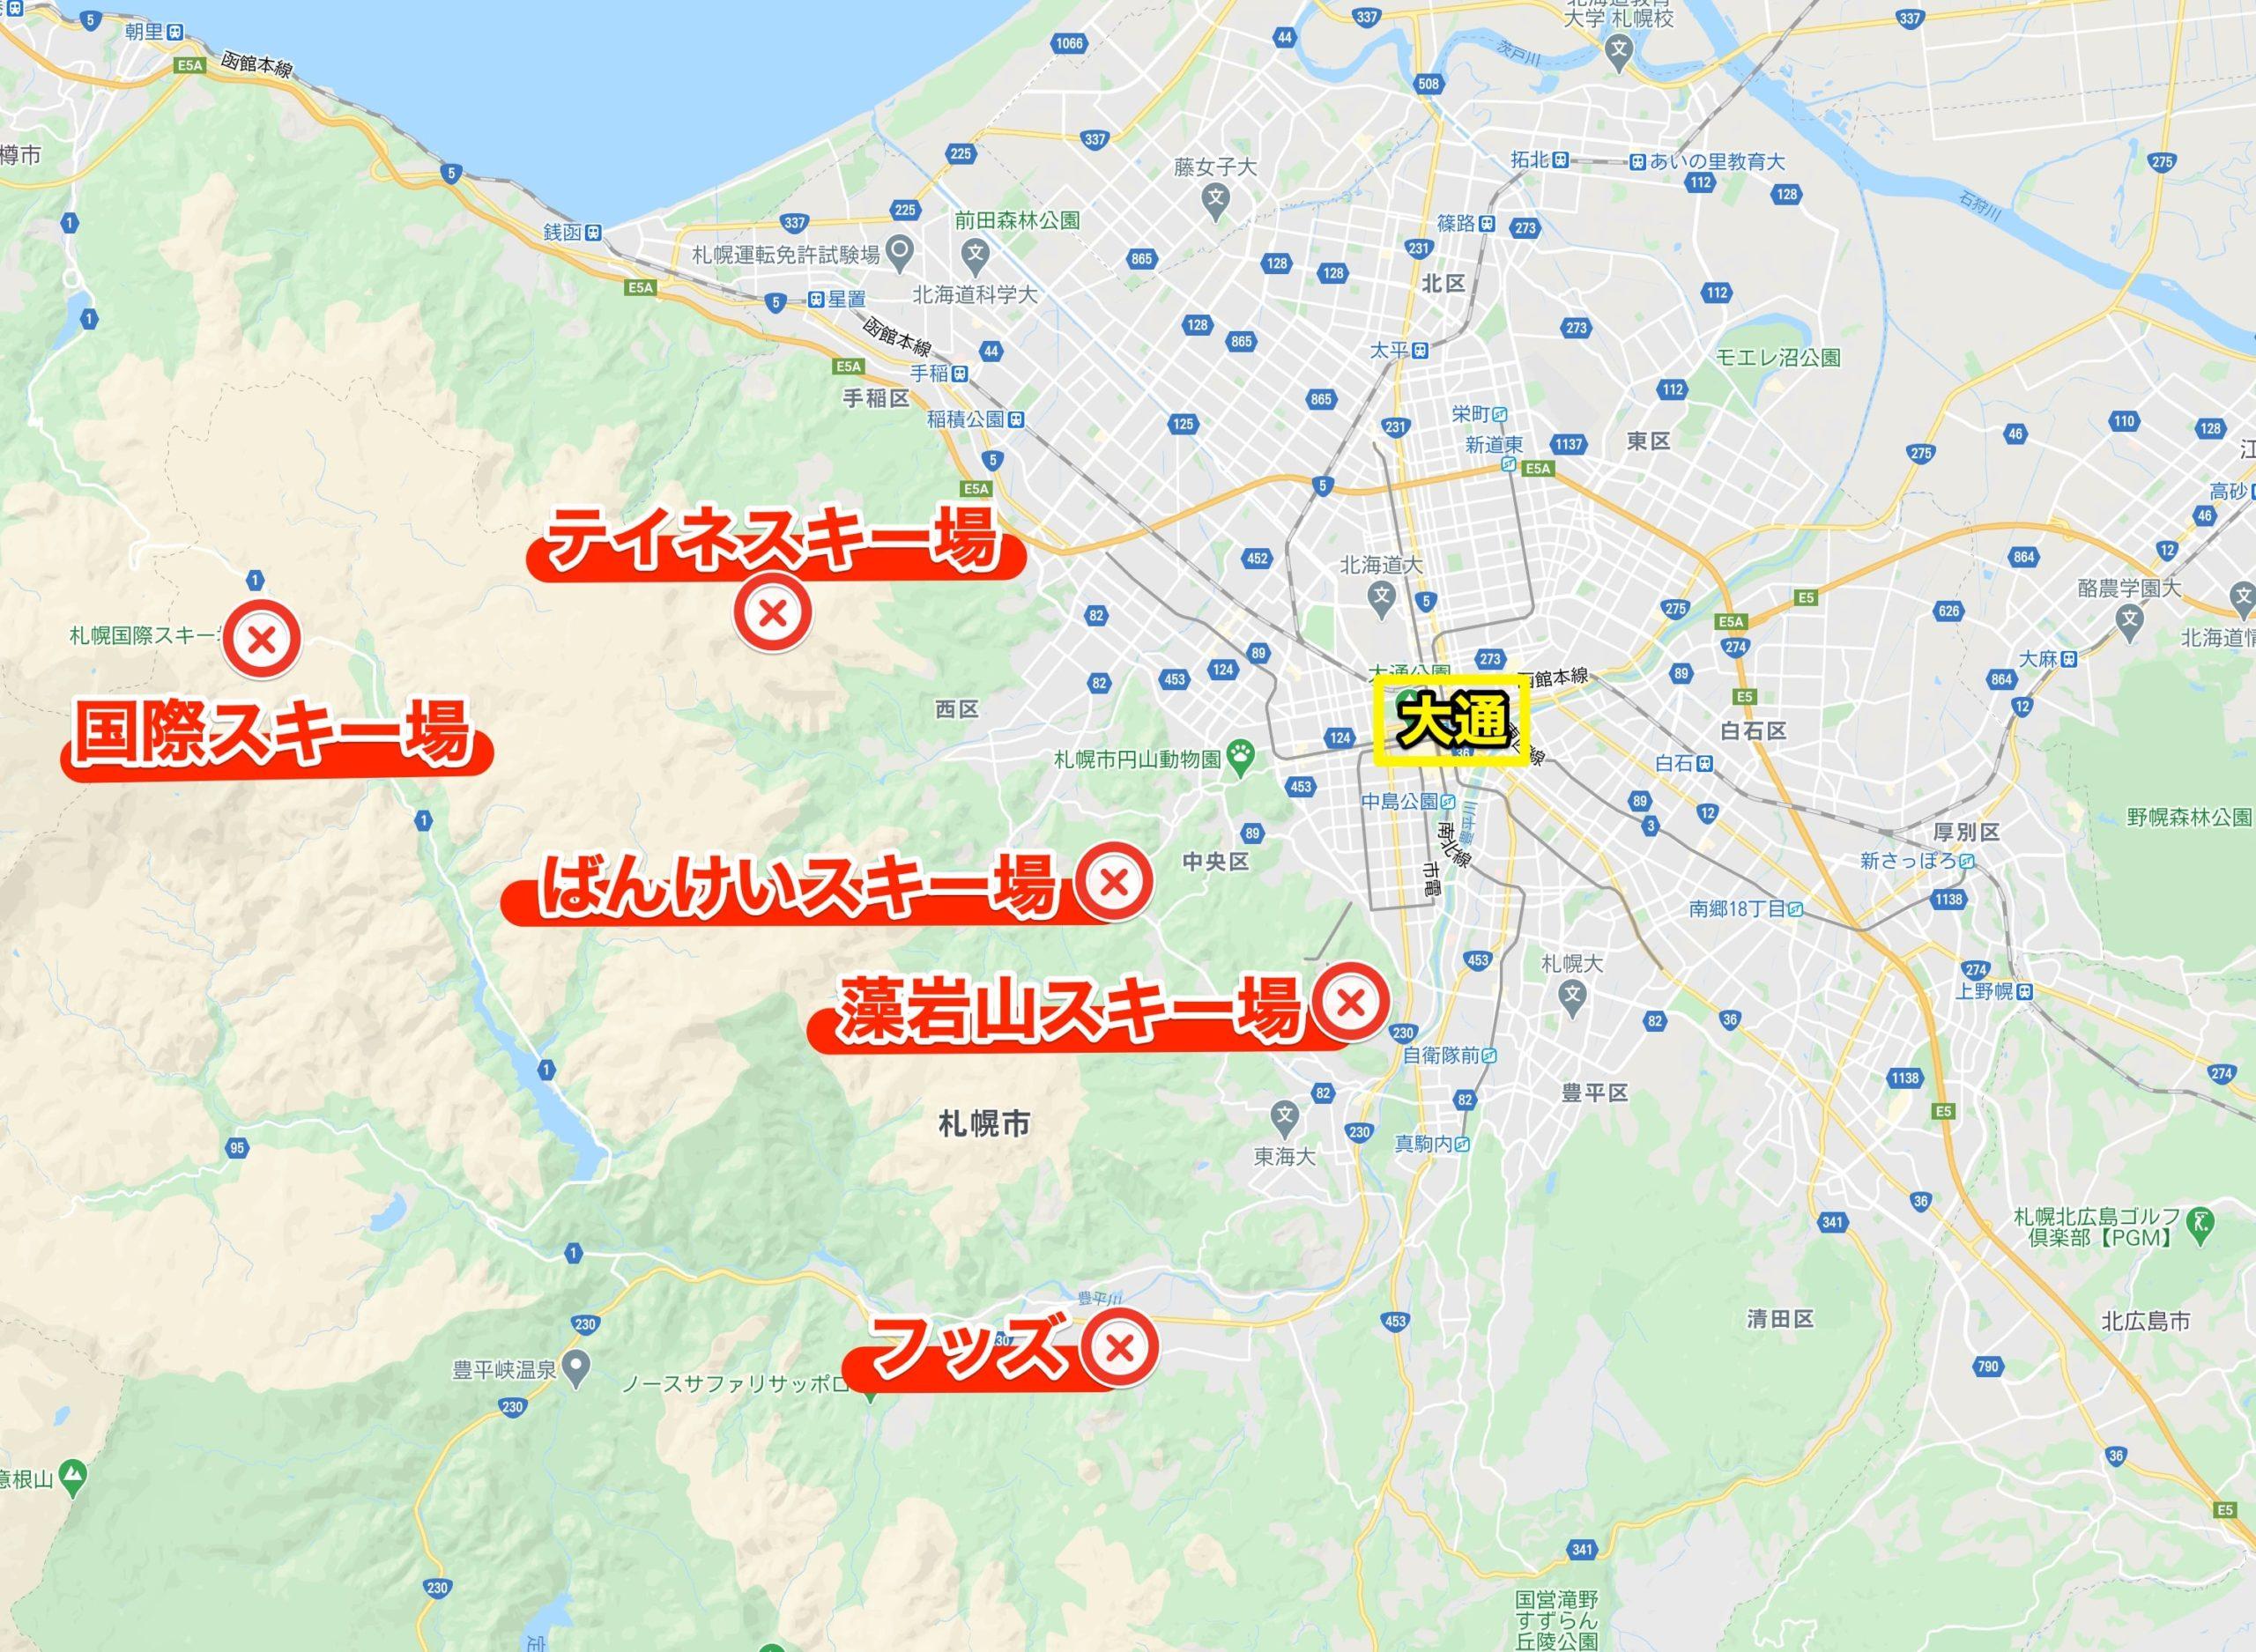 札幌おすすめスキー場マップ